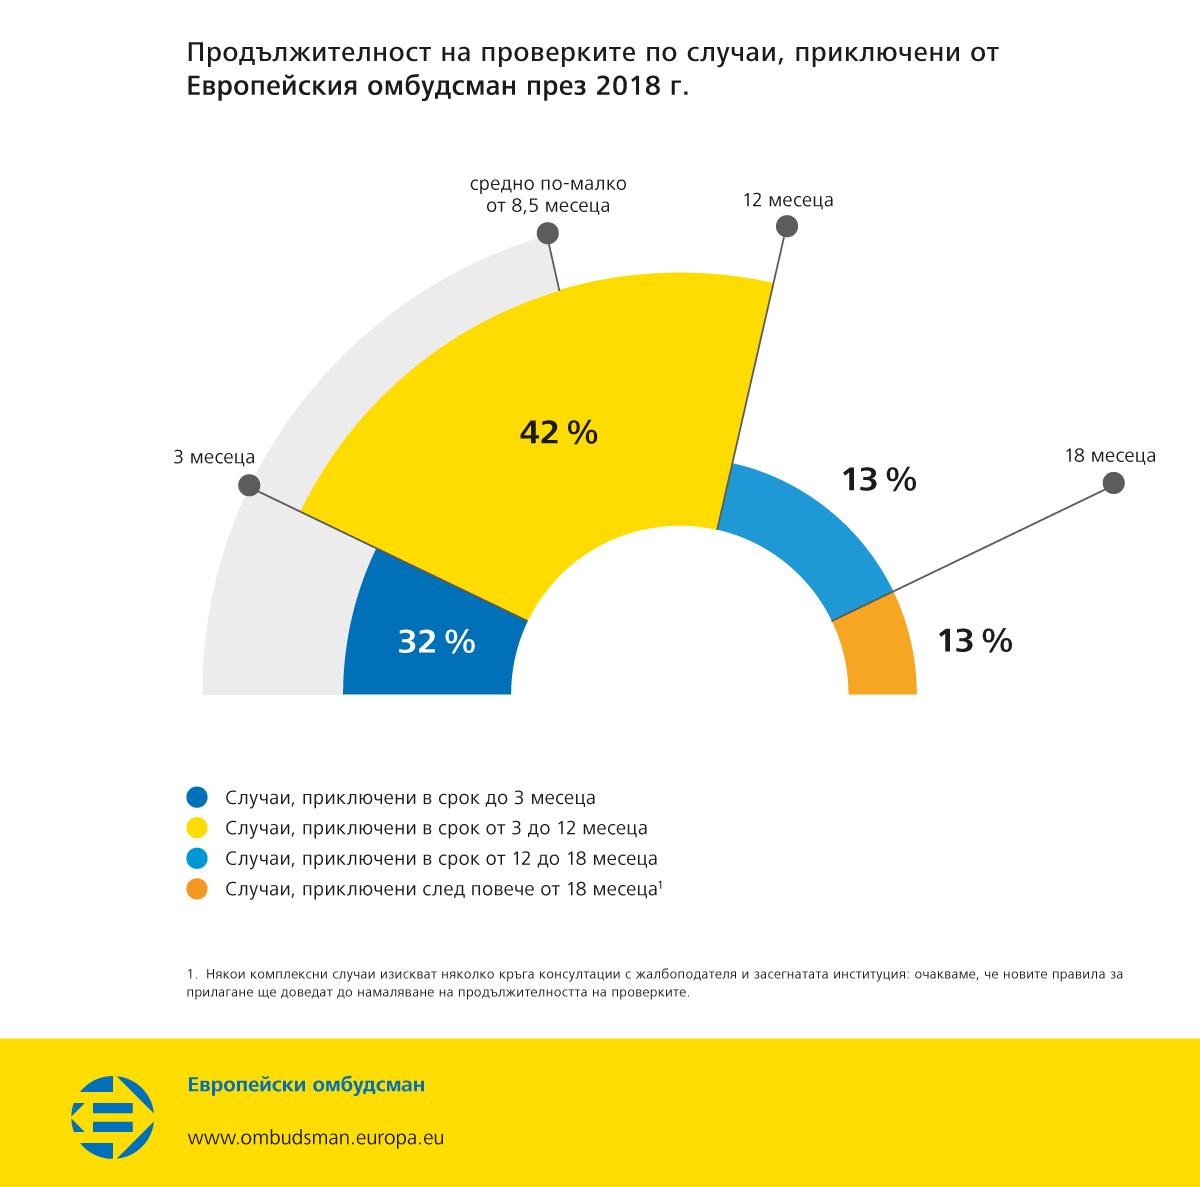 Продължителност на проверките по случаи, приключени от Европейския омбудсман през 2018 г.